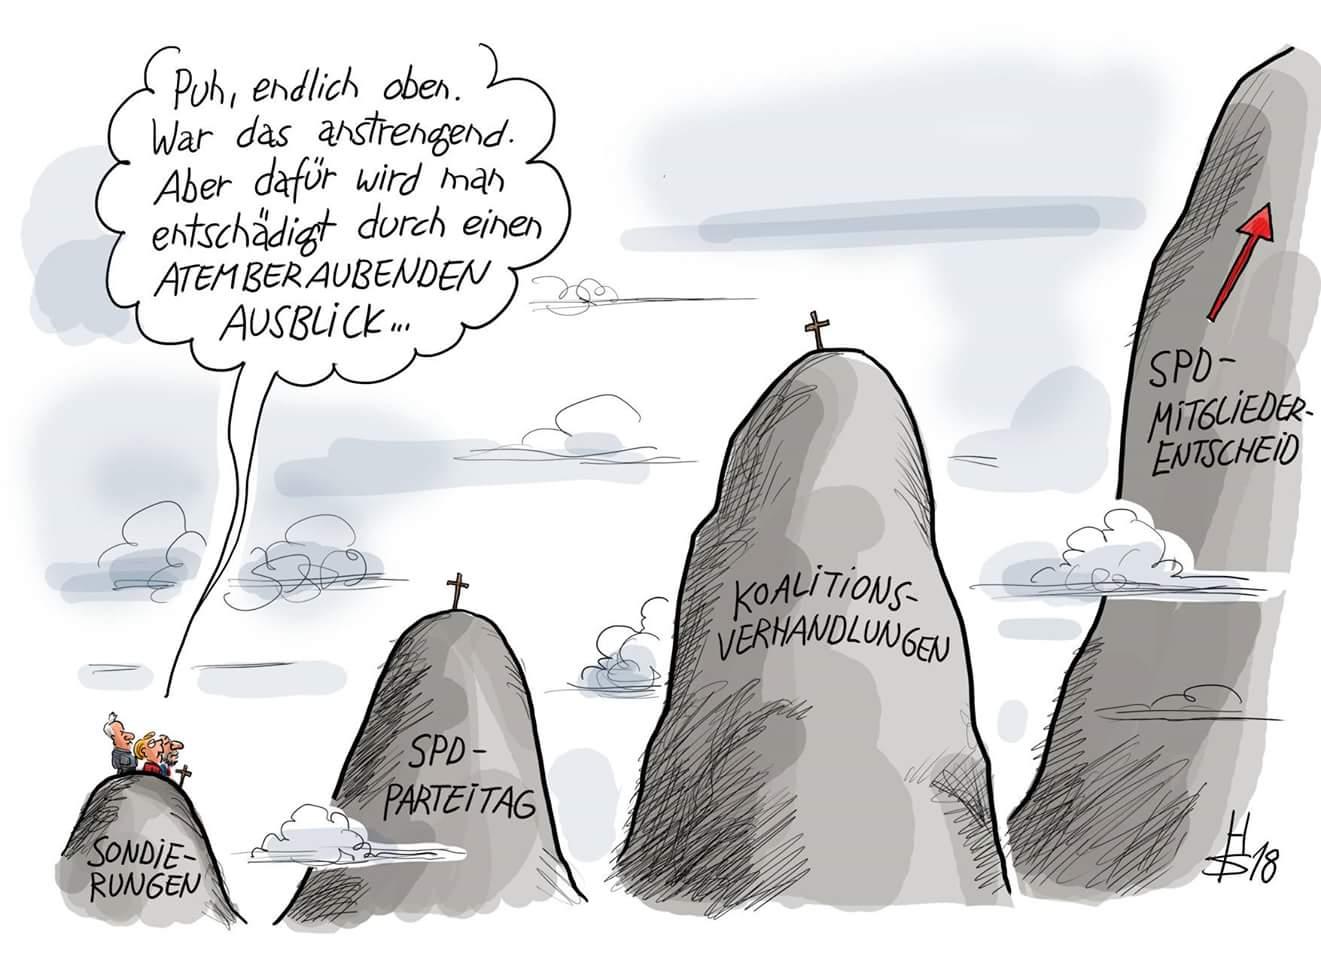 Von #Gipfel zu Gipfel. Das Buch von Rudolf #Rother mit spektakulären Blicken in den #Abgrund wird demnächst von der #SPD um ein Kapitel erweitert. 😉 (Karikatur Sakurai) https://t.co/kt6p3flXkU